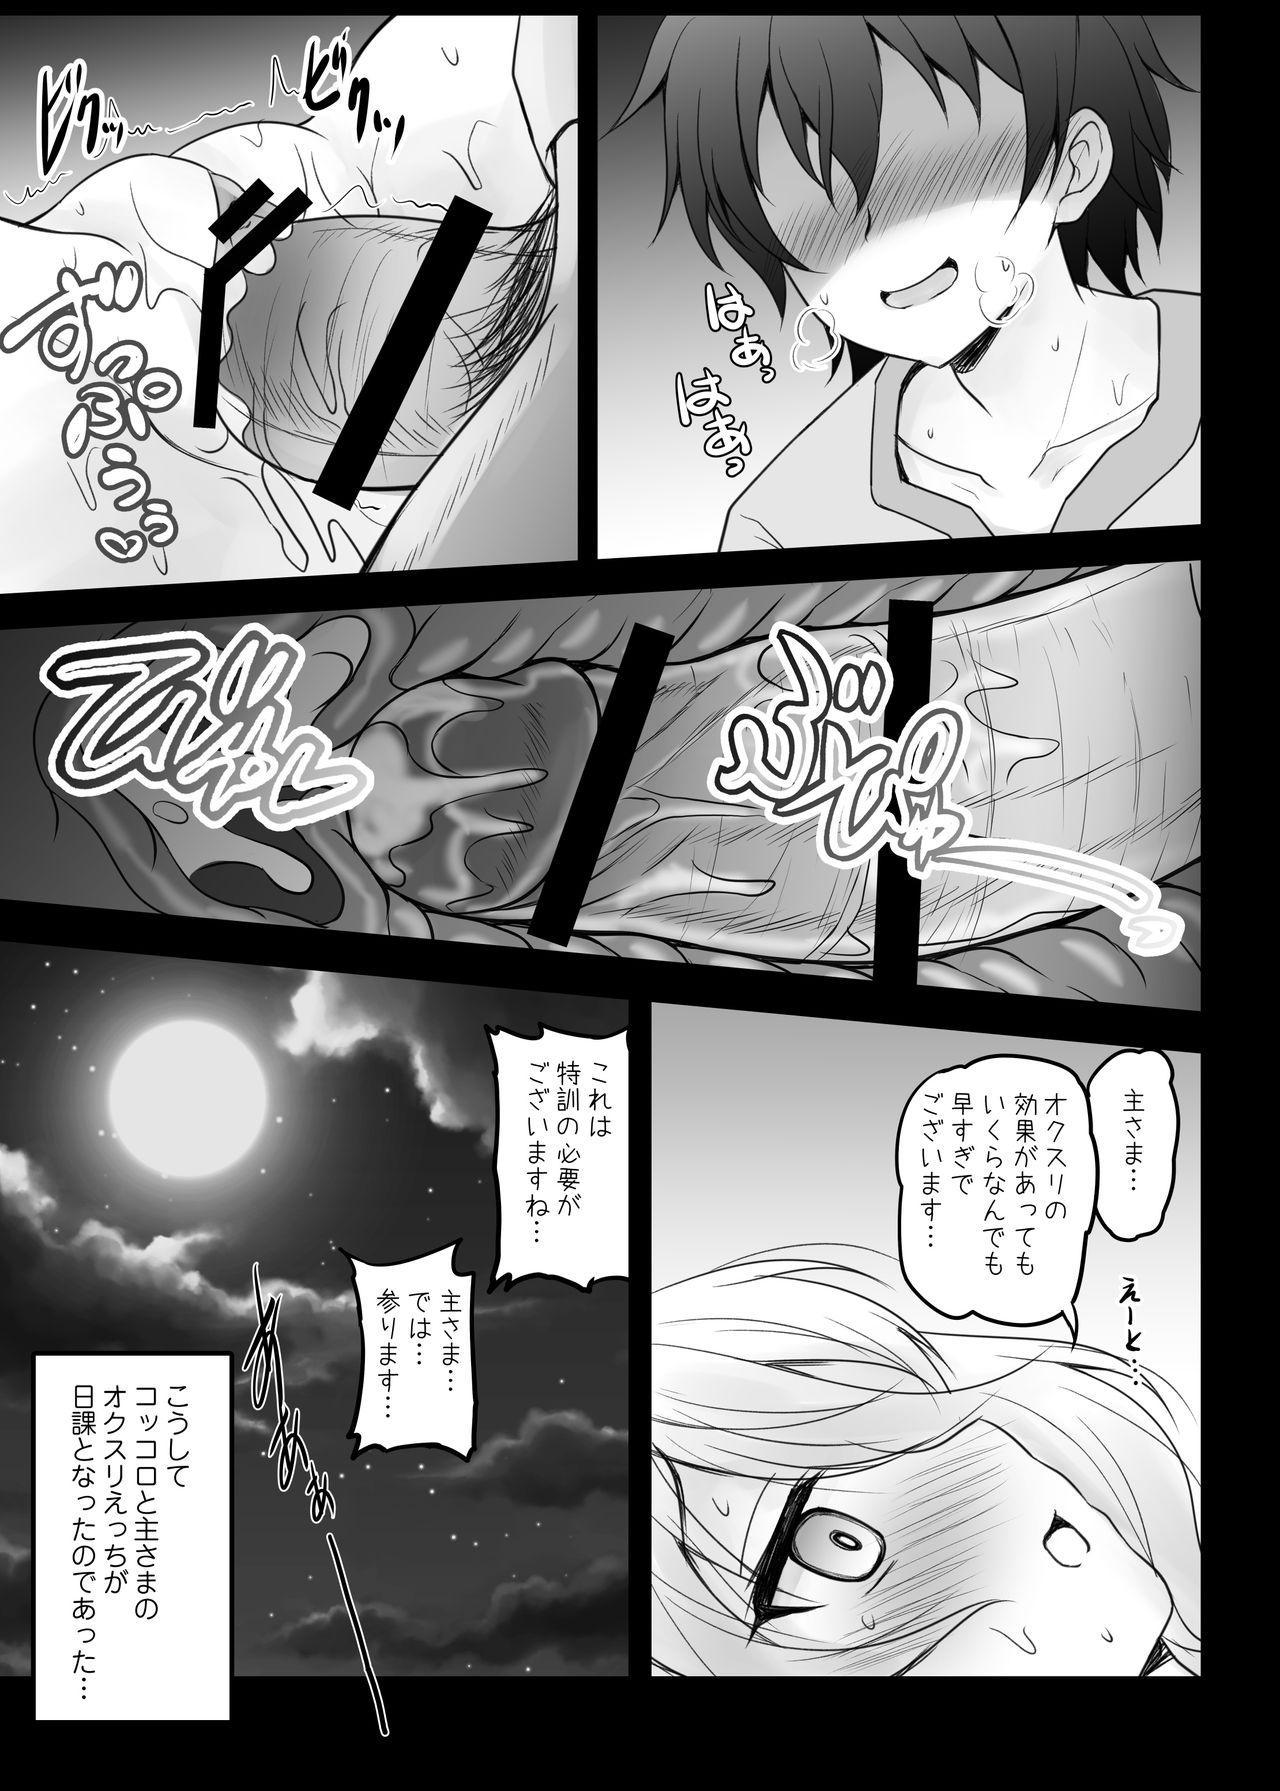 Kokkoro to Aruji-sama no Okusuri Ecchi Nisshi 14